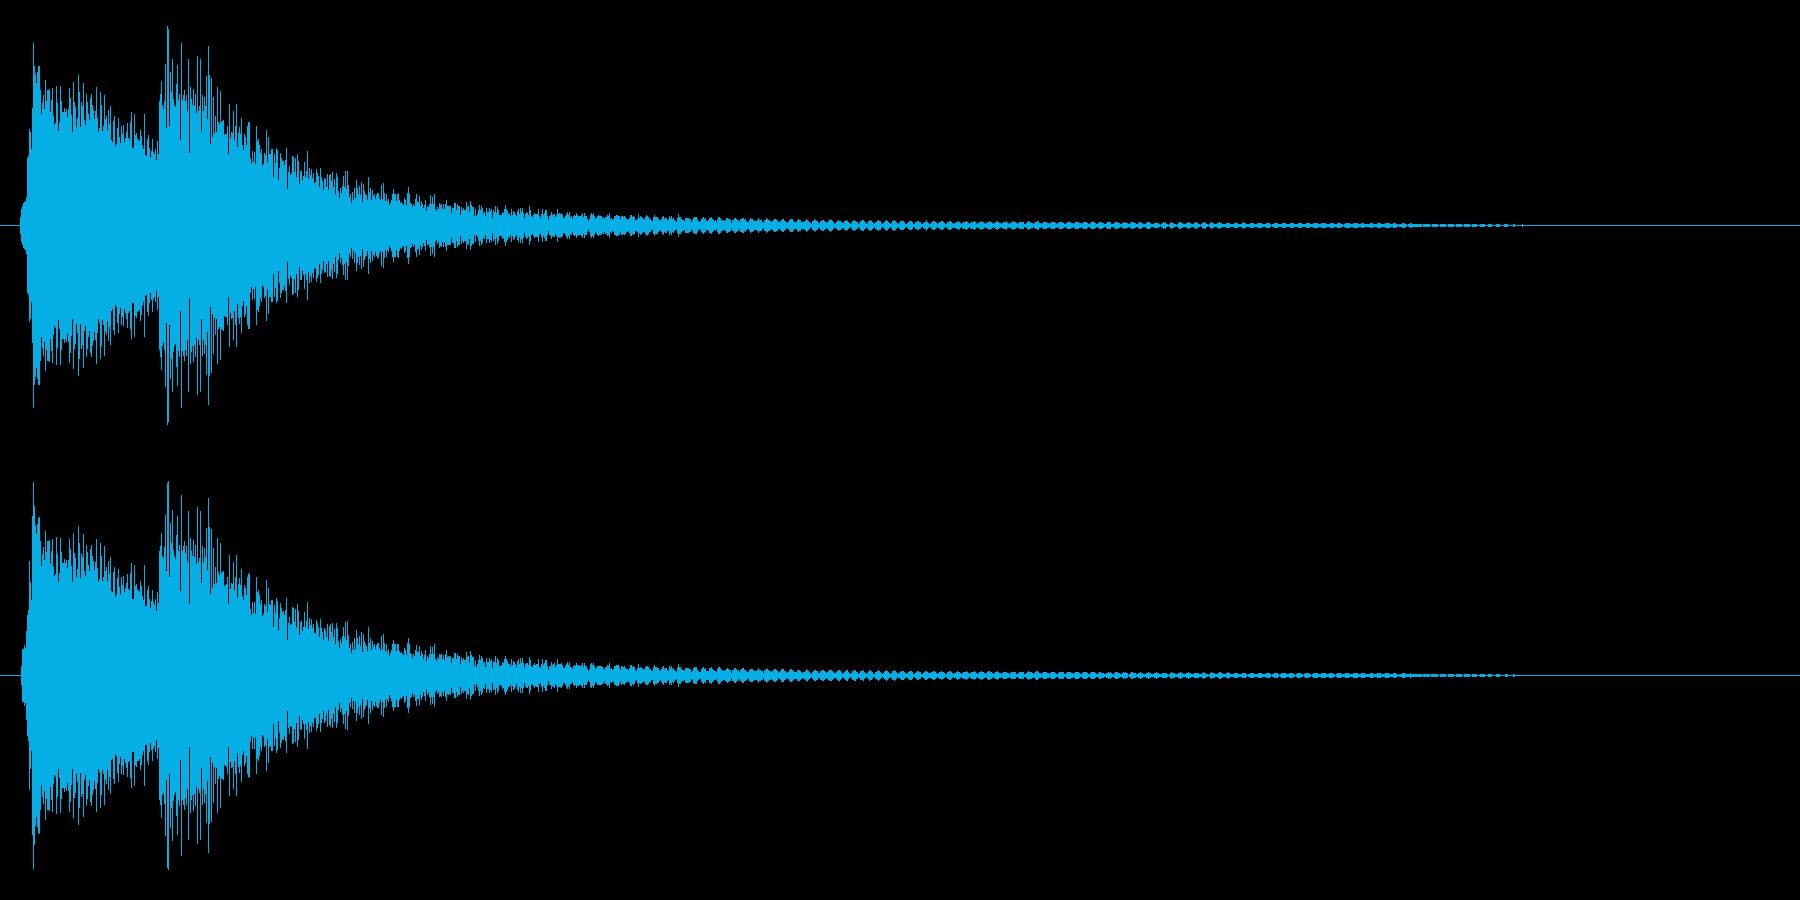 チリーン(エラー、警告音)の再生済みの波形